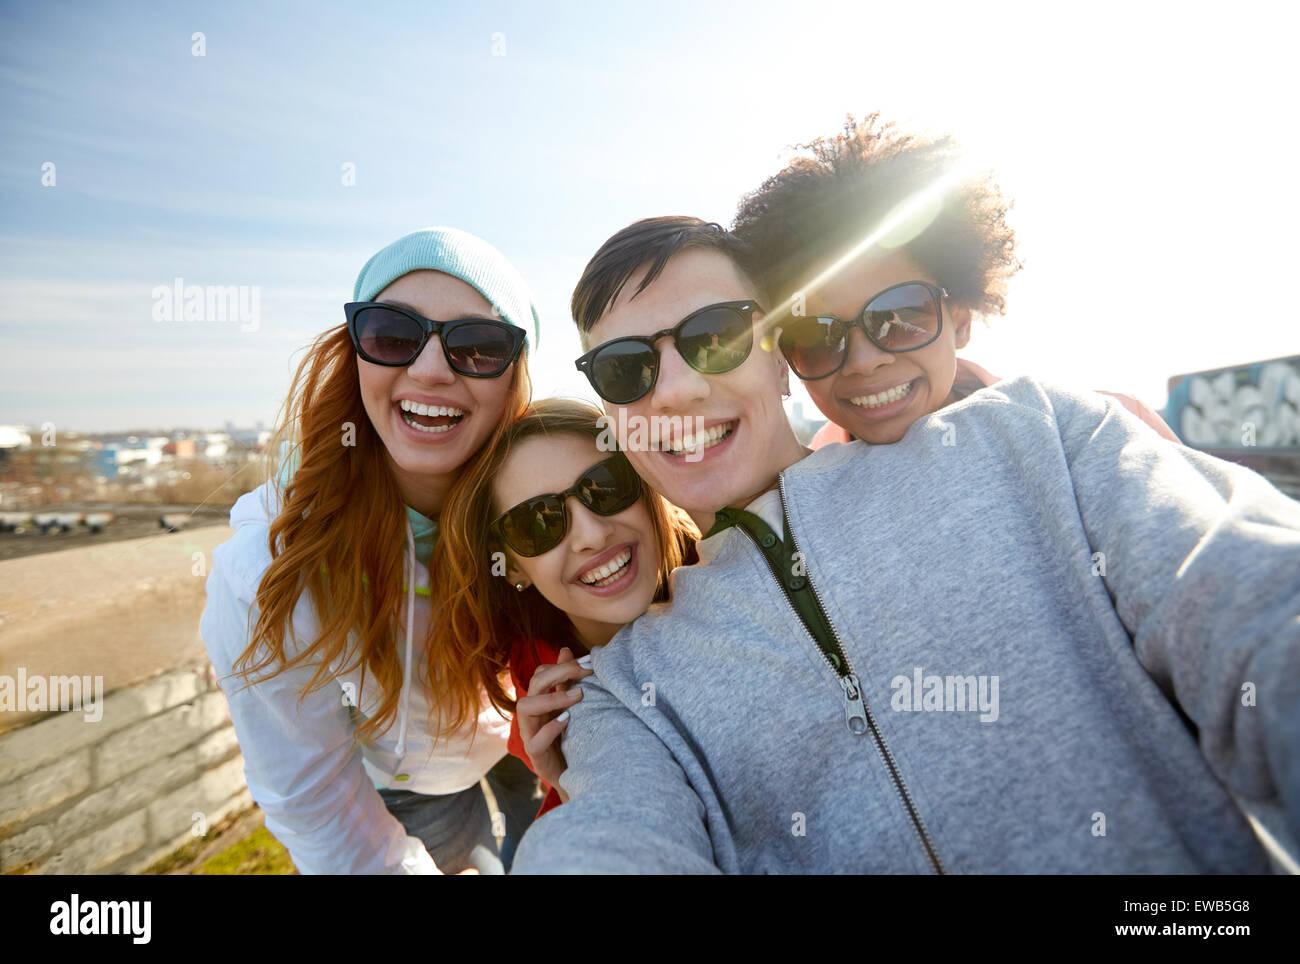 Groupe d'amis heureux de prendre sur selfies street Photo Stock